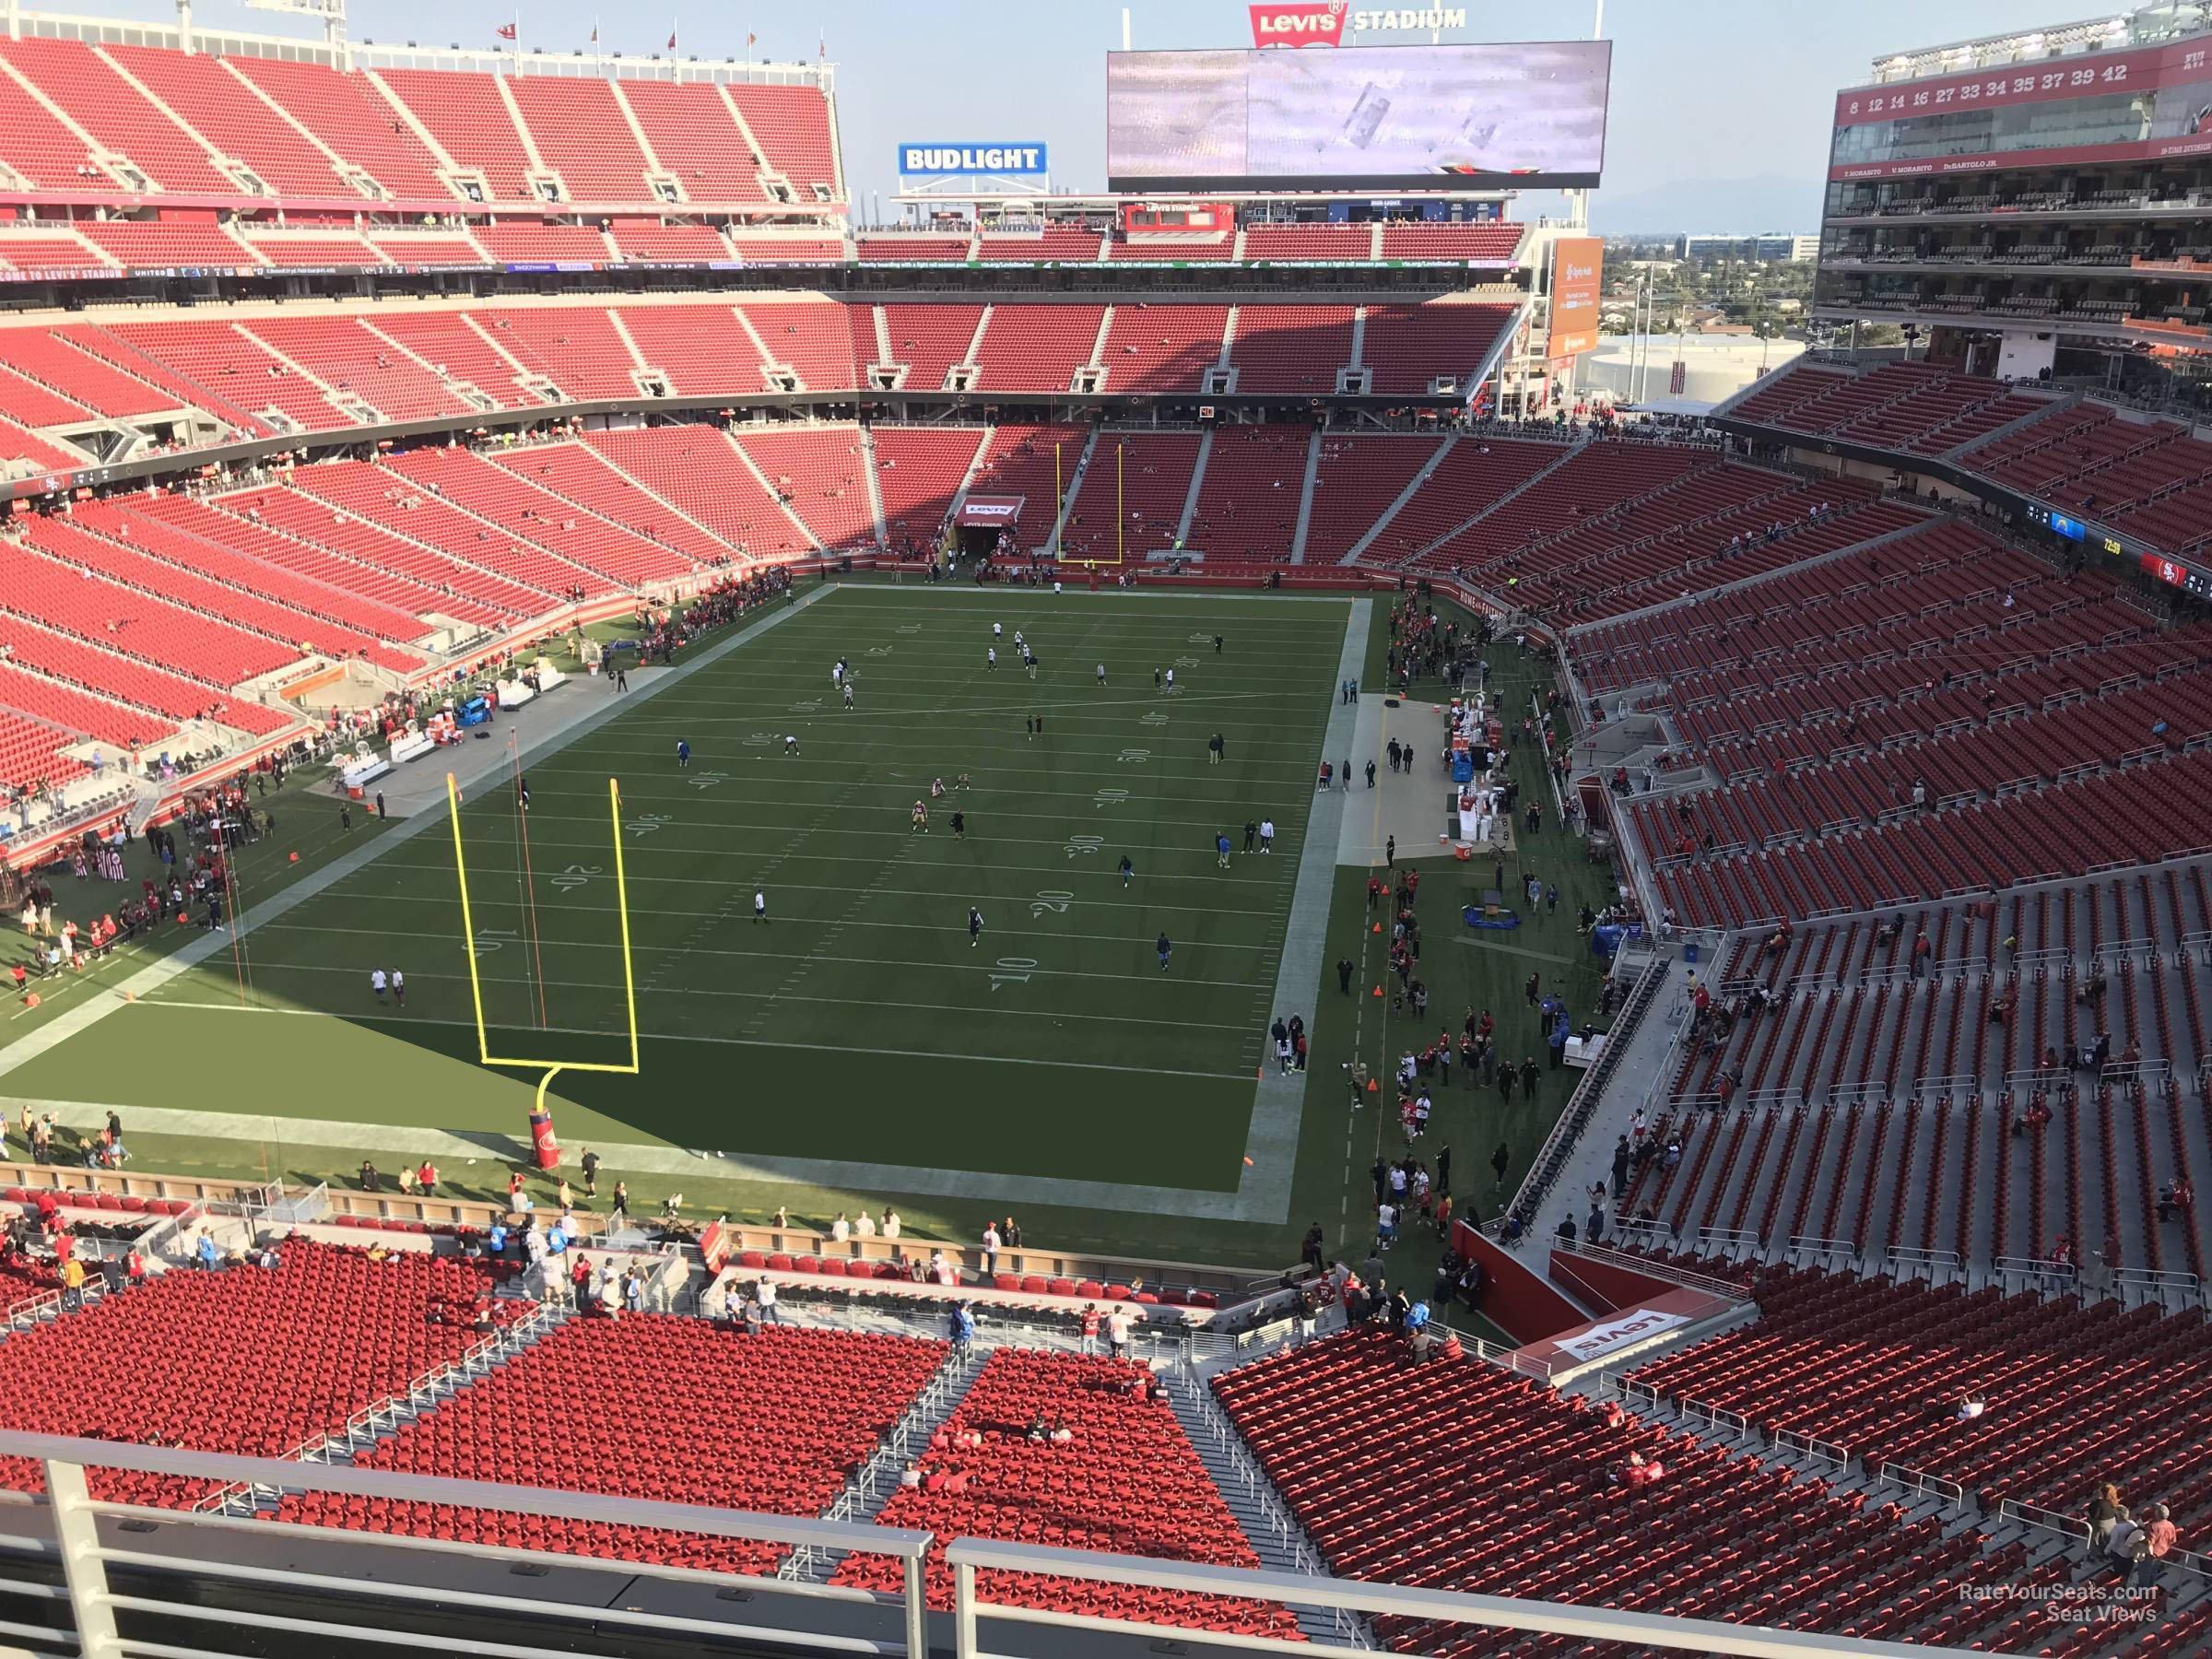 levi's stadium section 301 - rateyourseats